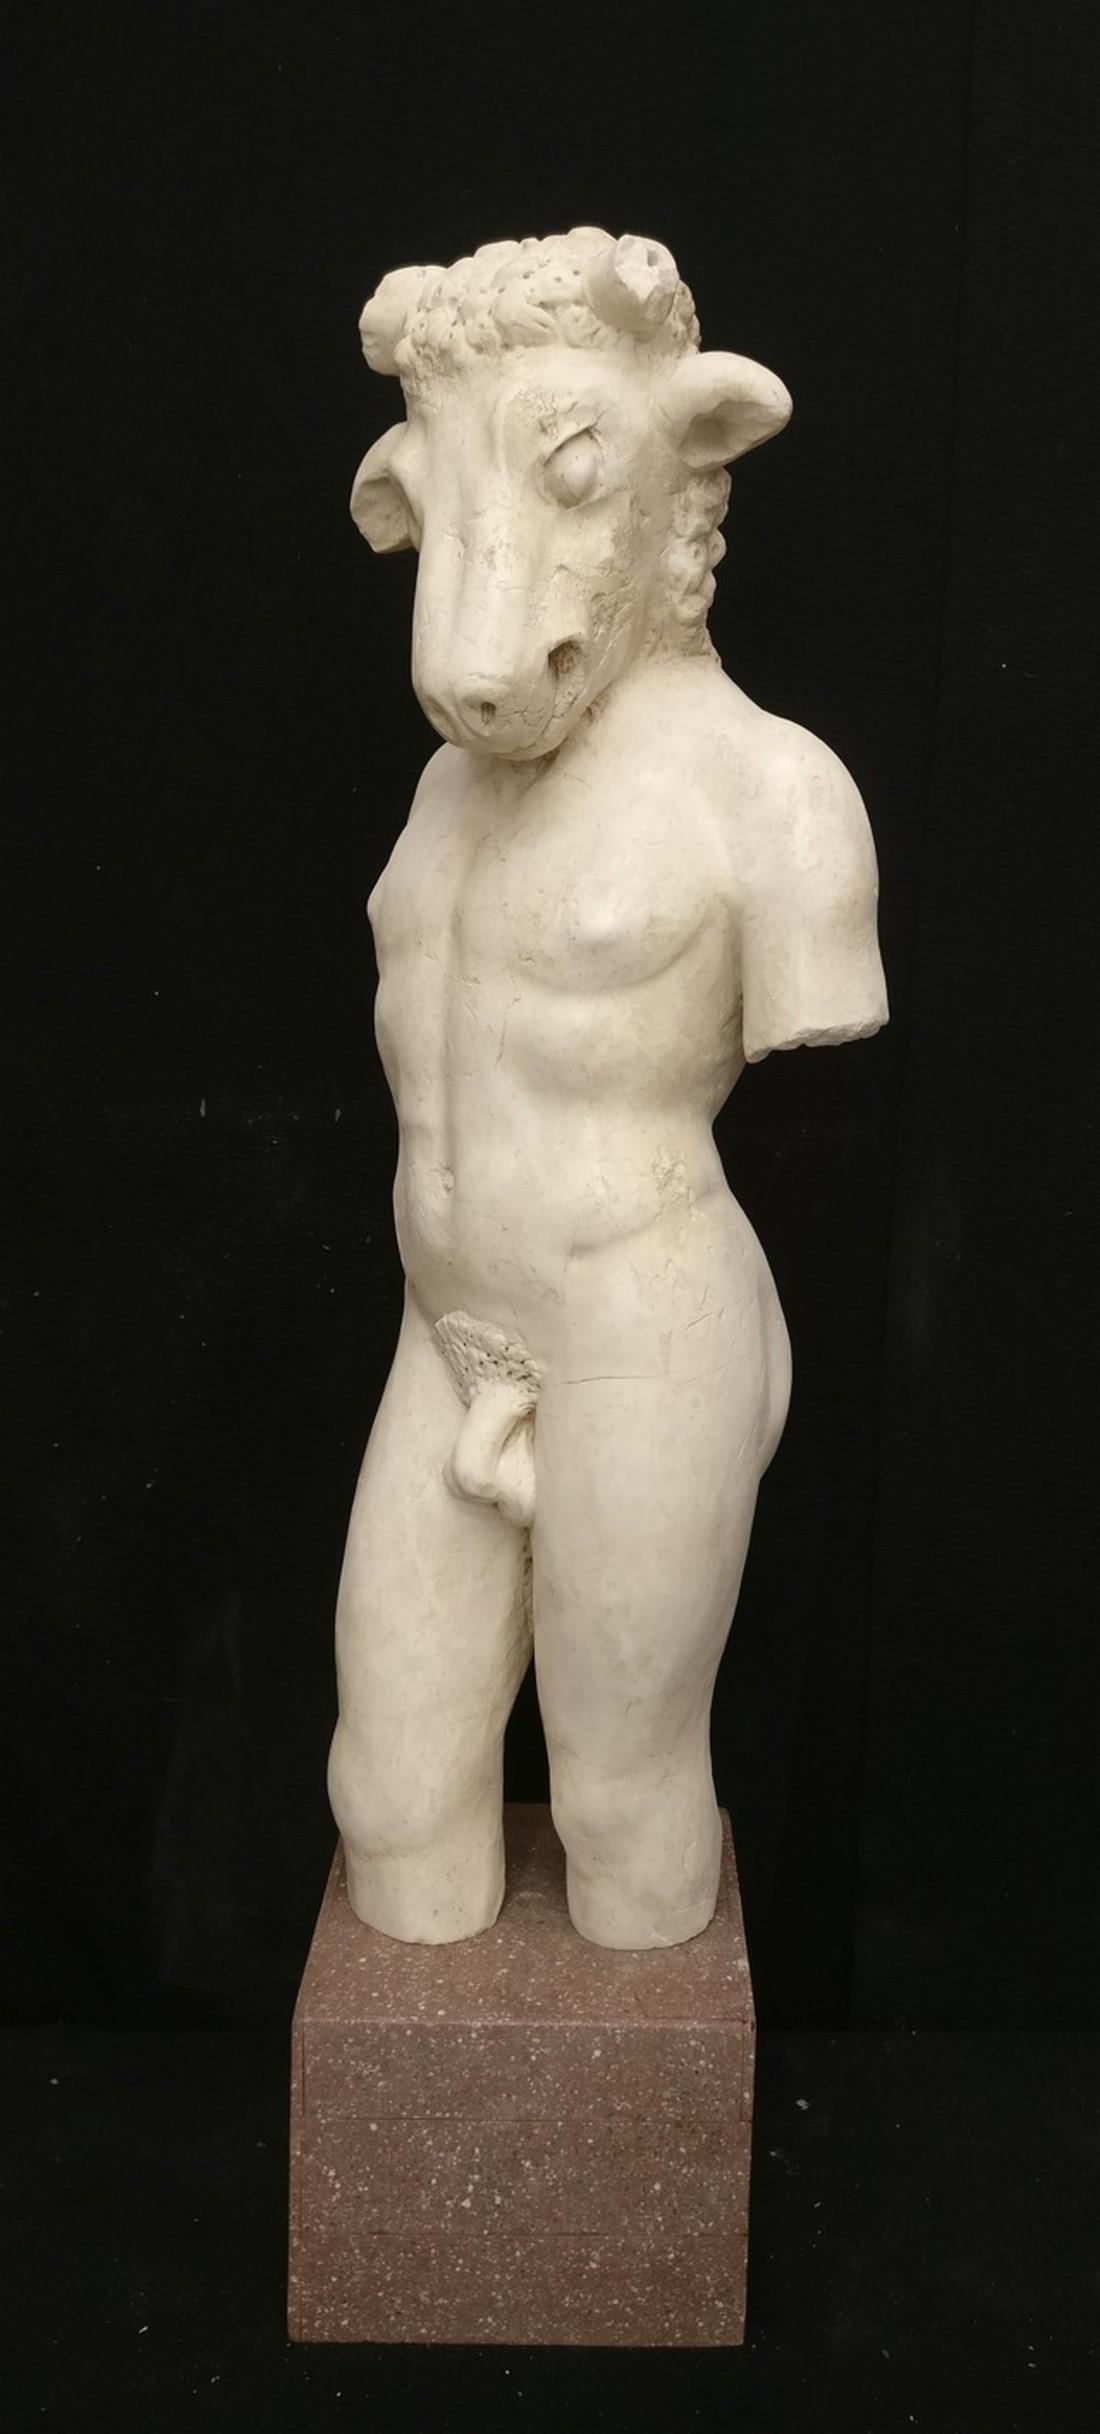 Spectaculure sculpture - Minotaur - Thassos Greek